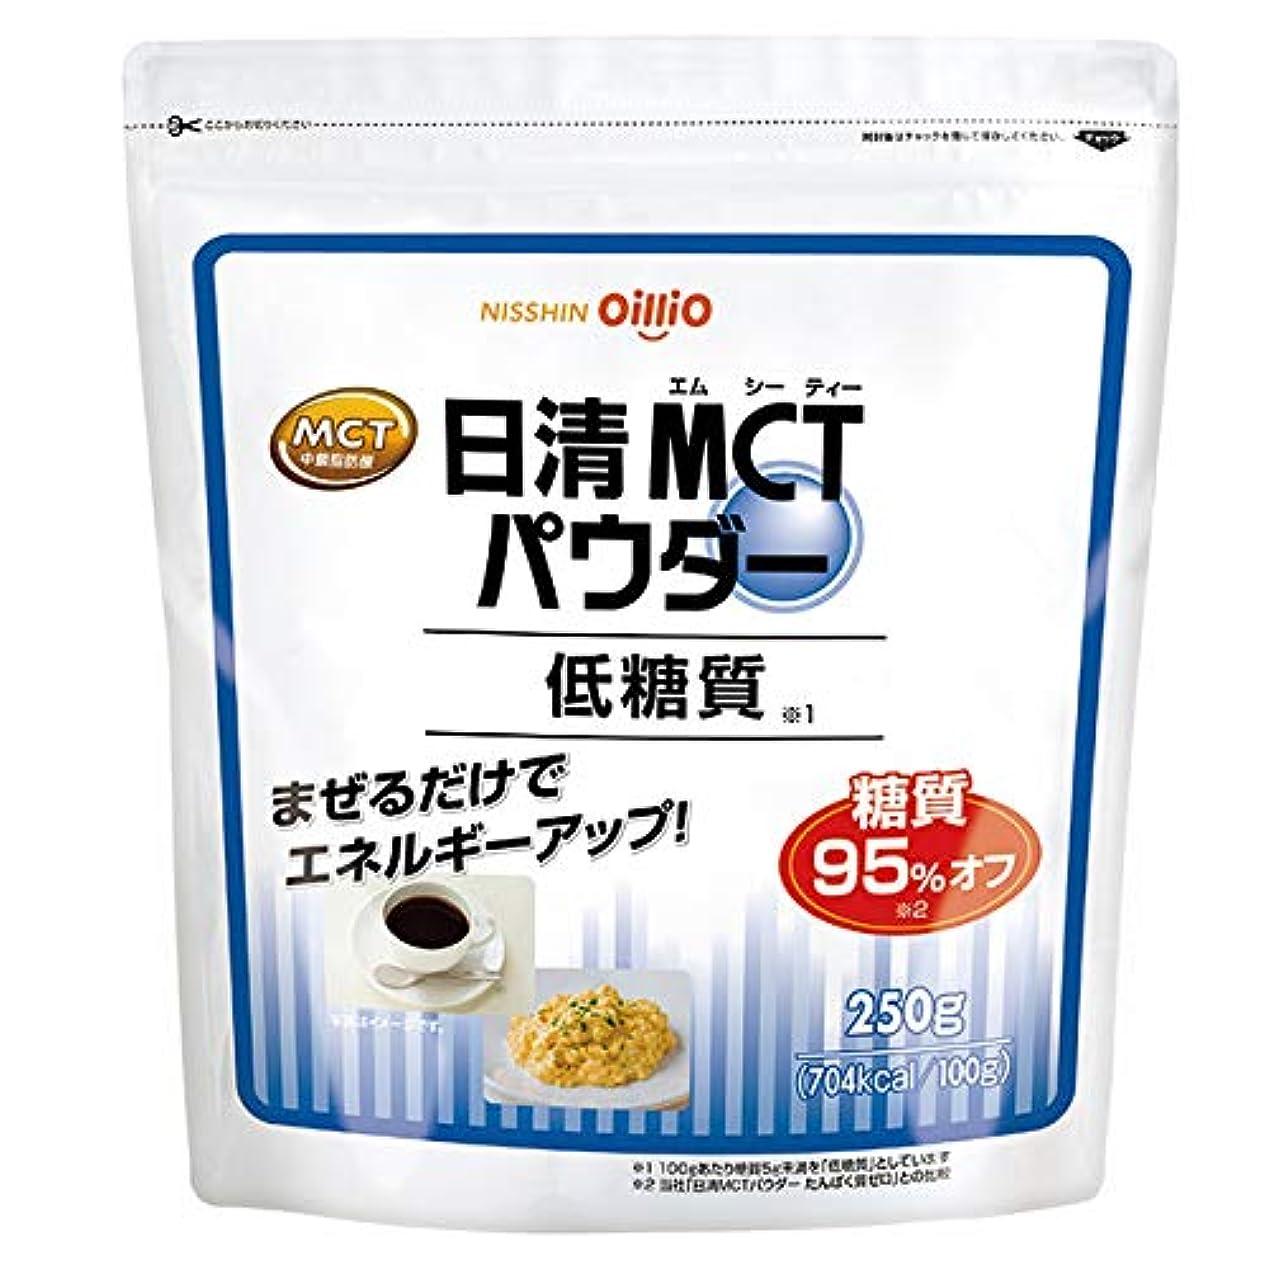 ほめる味付け施し日清MCTパウダー 低糖質 250g